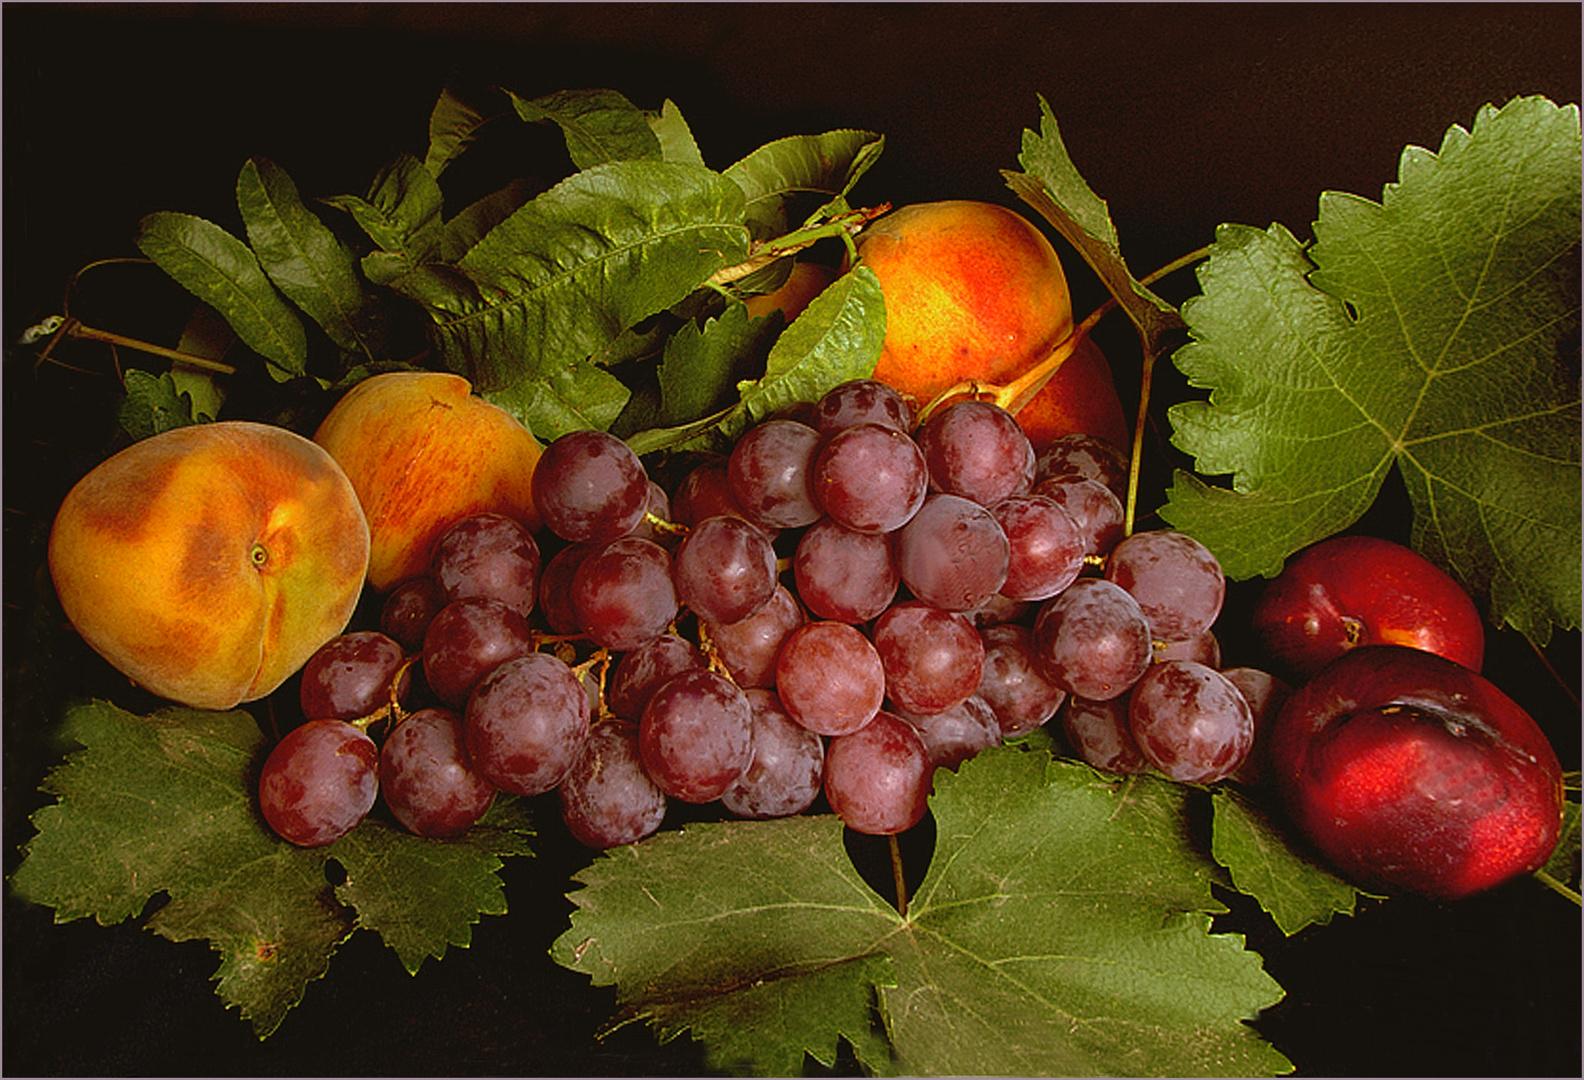 Obst aus dem Herbst  Argentiniens